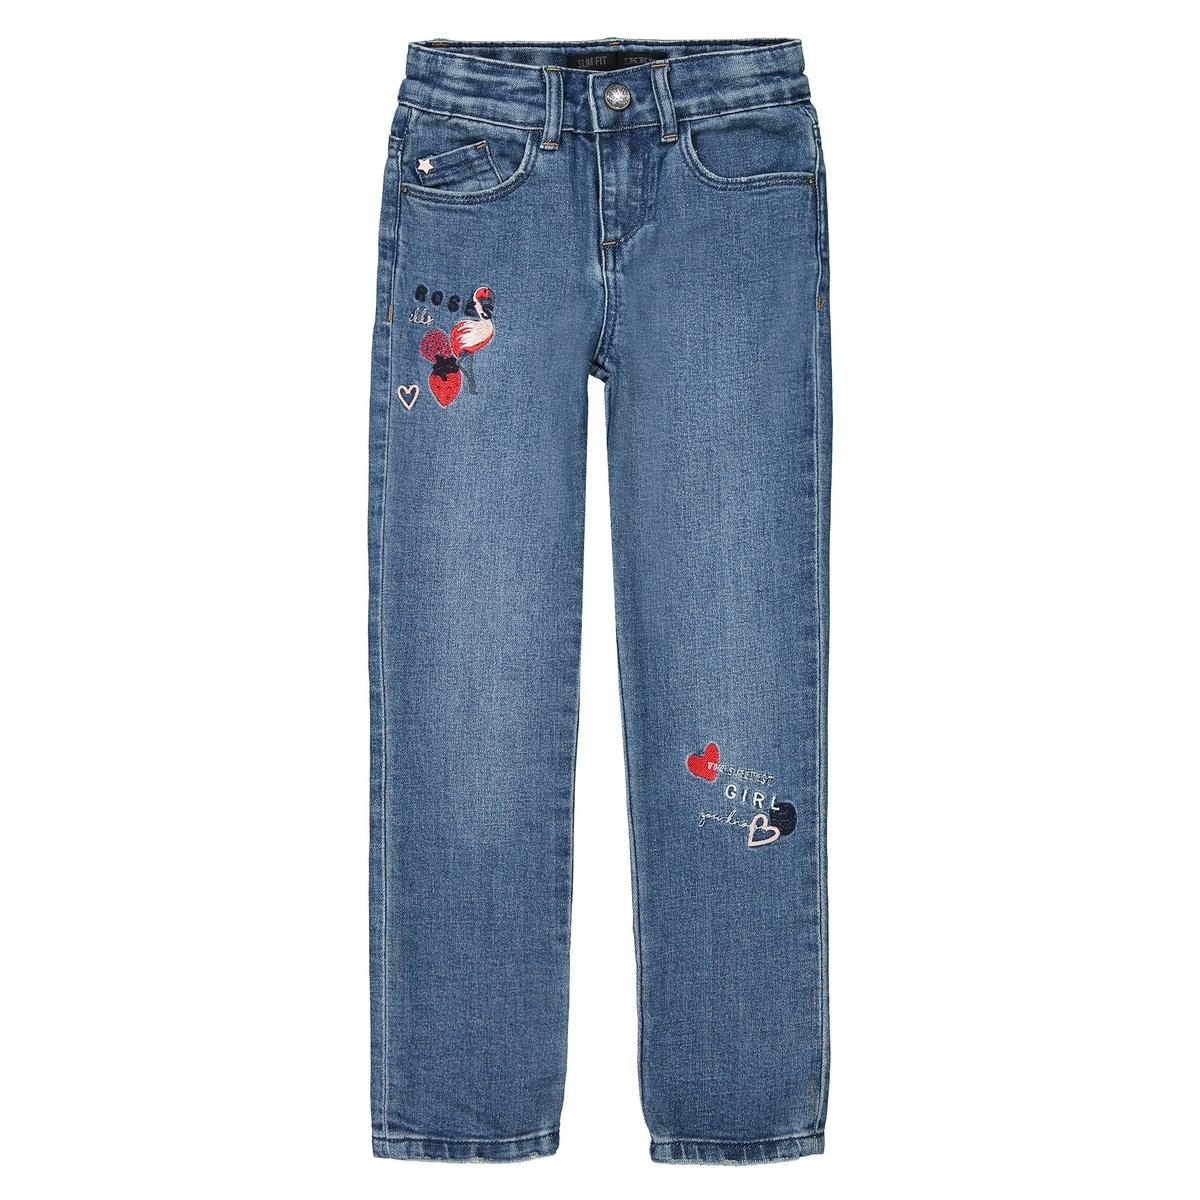 Джинсы бойфренд, 3-14 лет джинсы бойфренд 3 14 лет